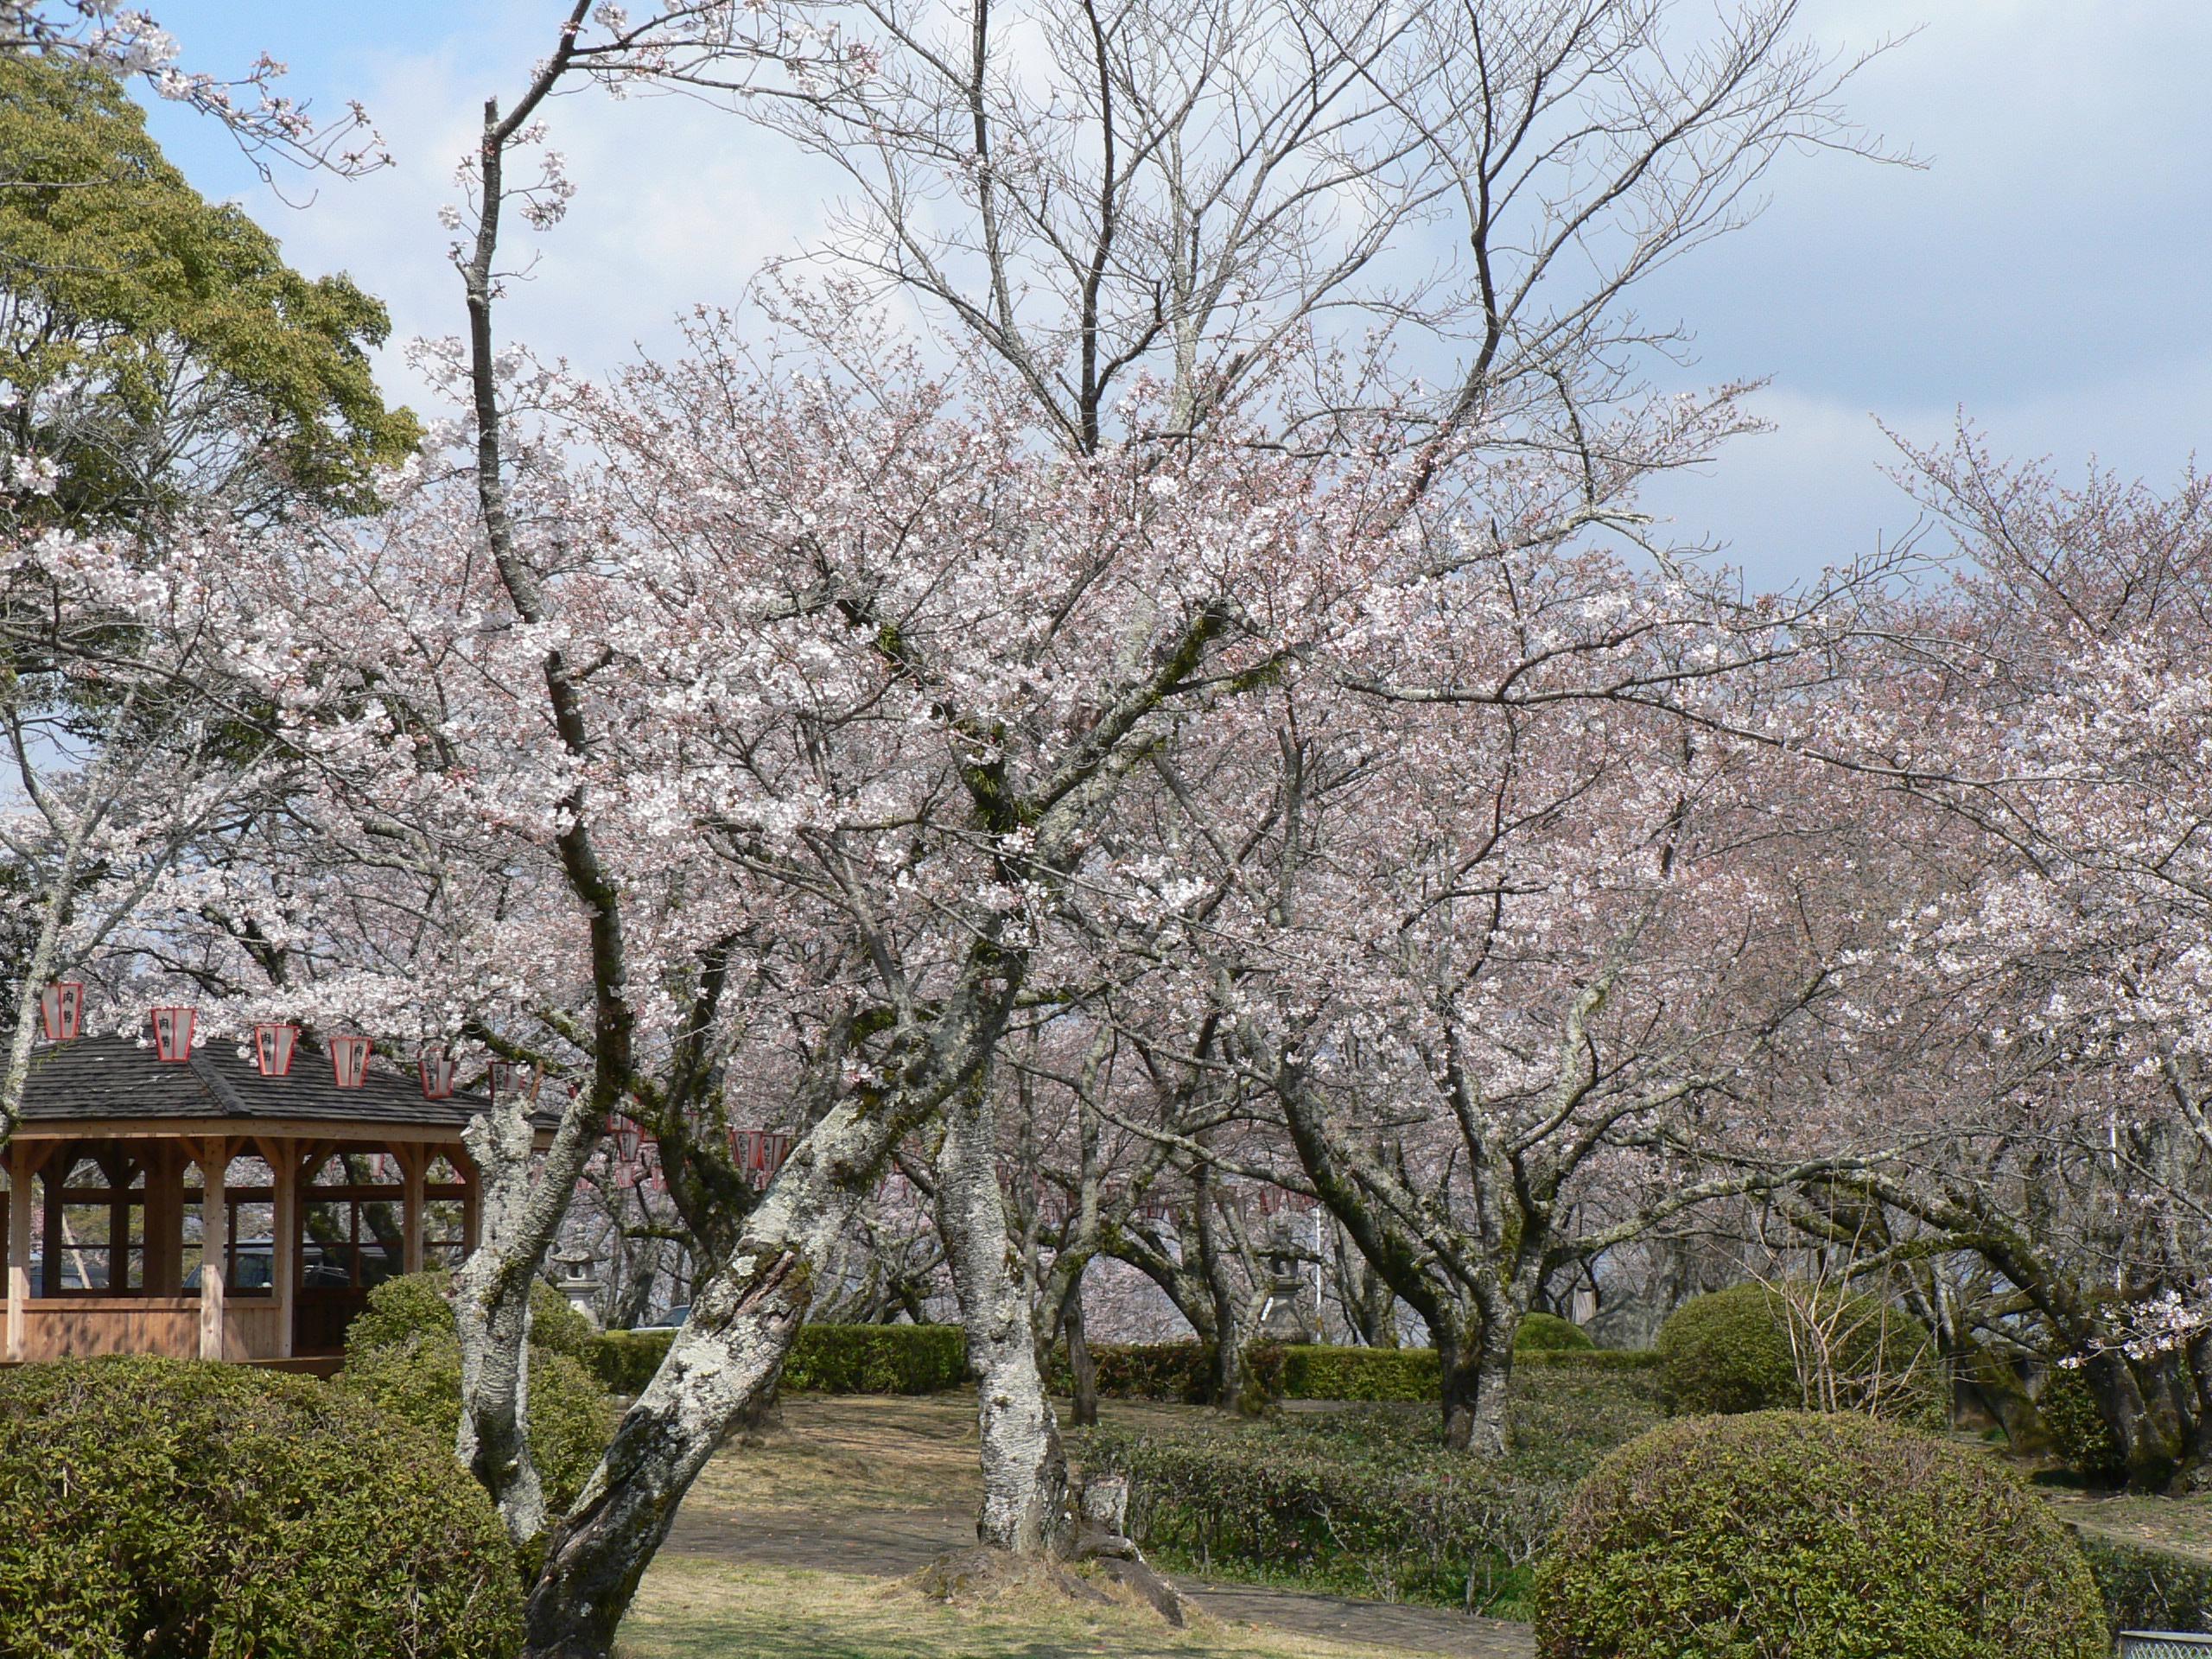 86 徳島県徳島市「西部公園」